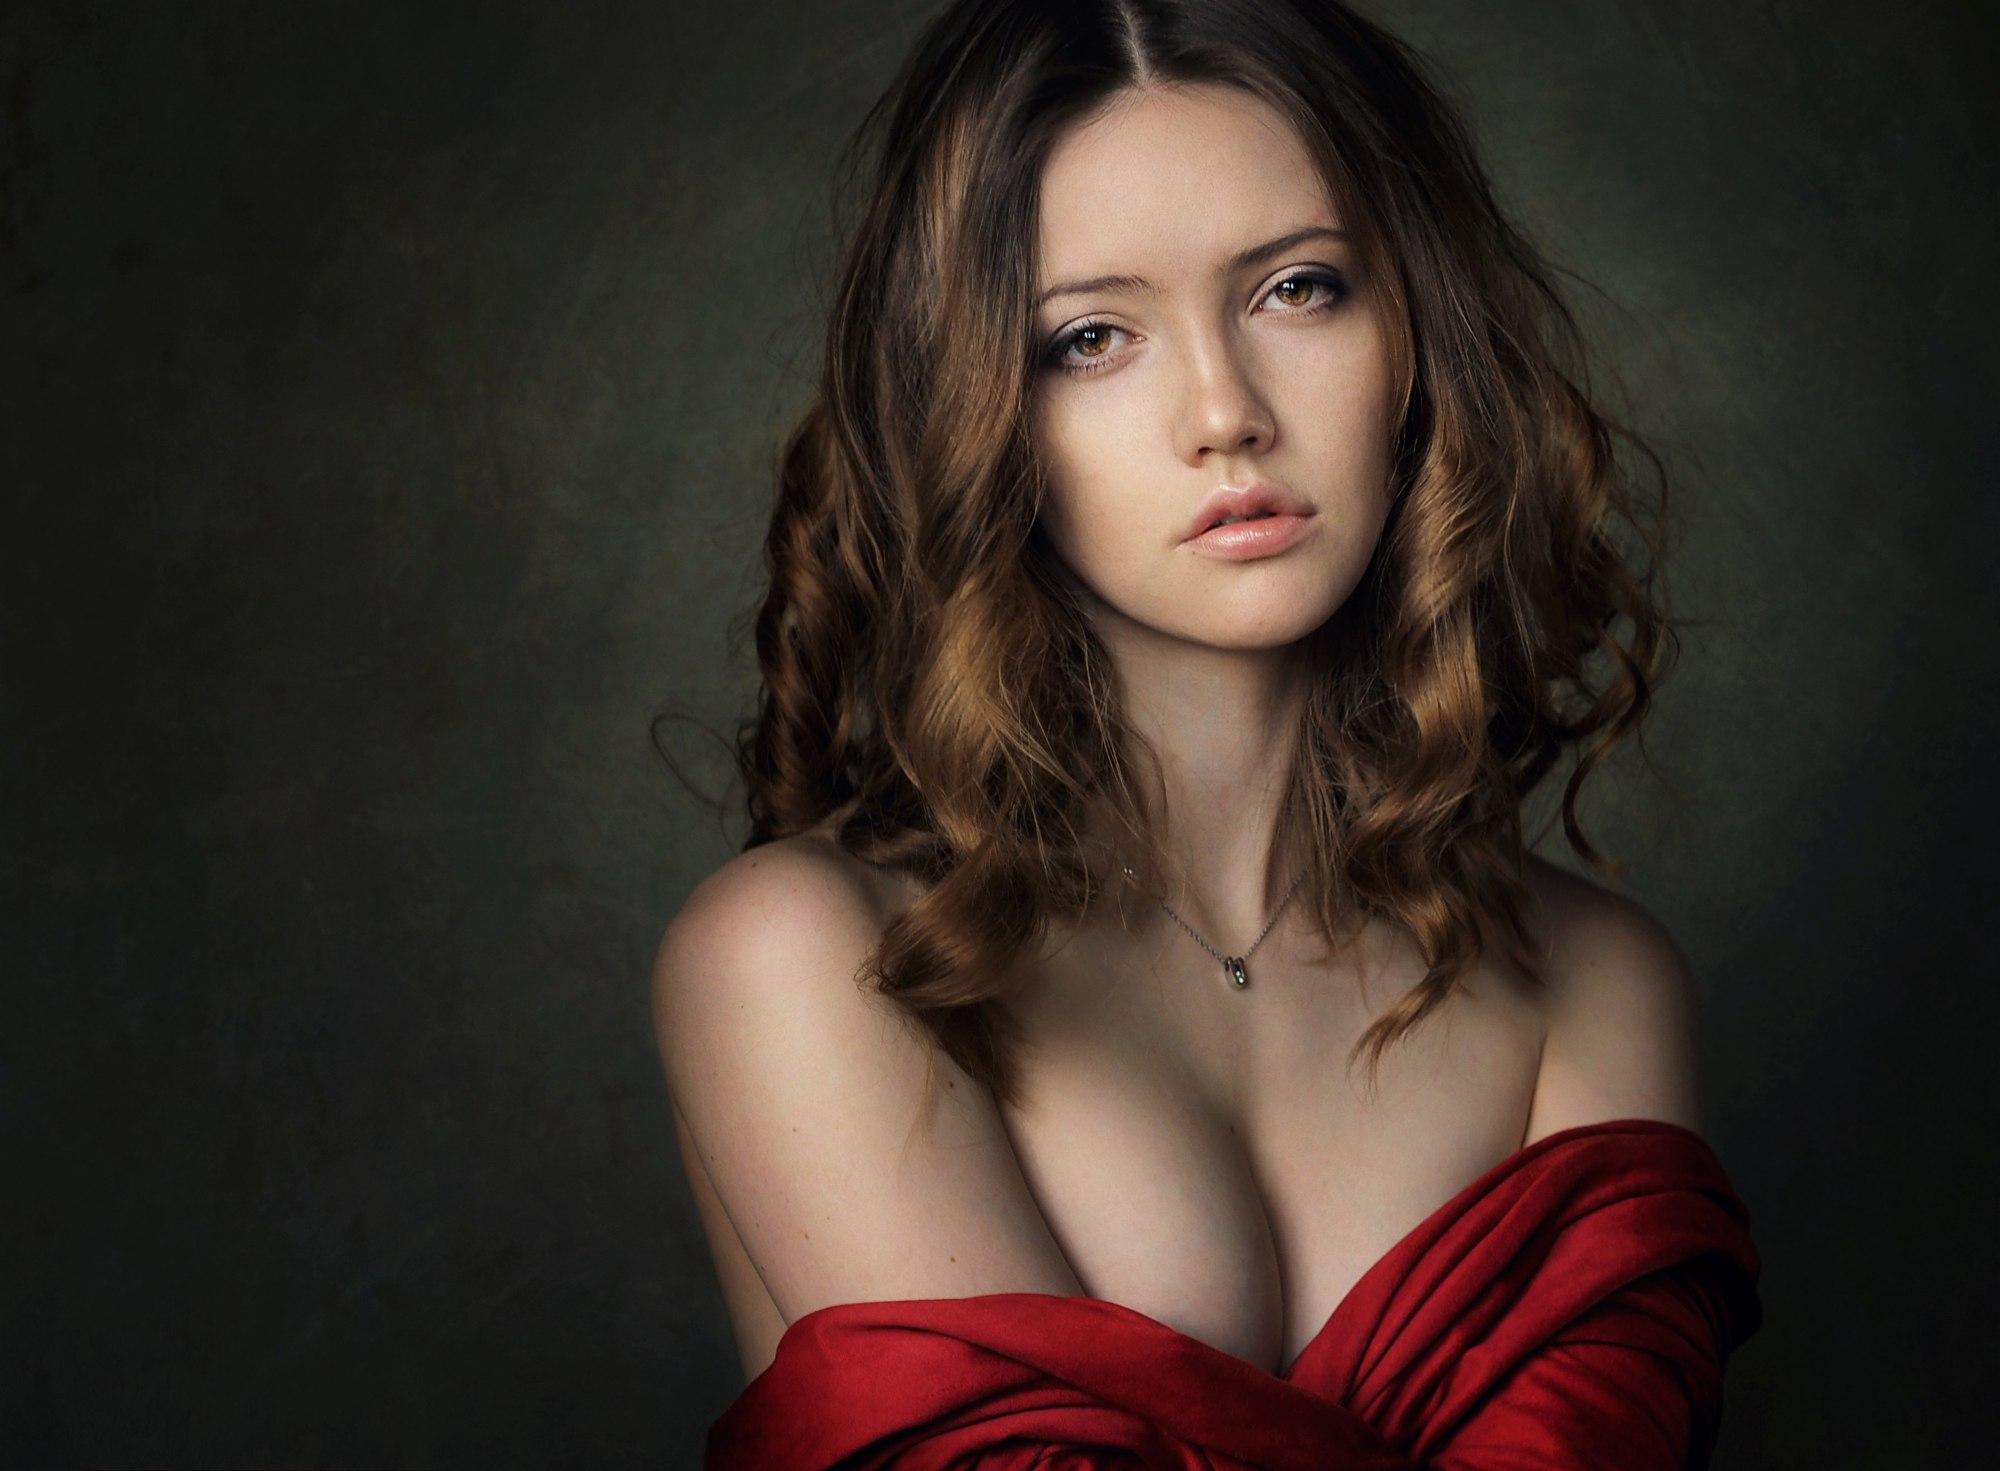 nadya model